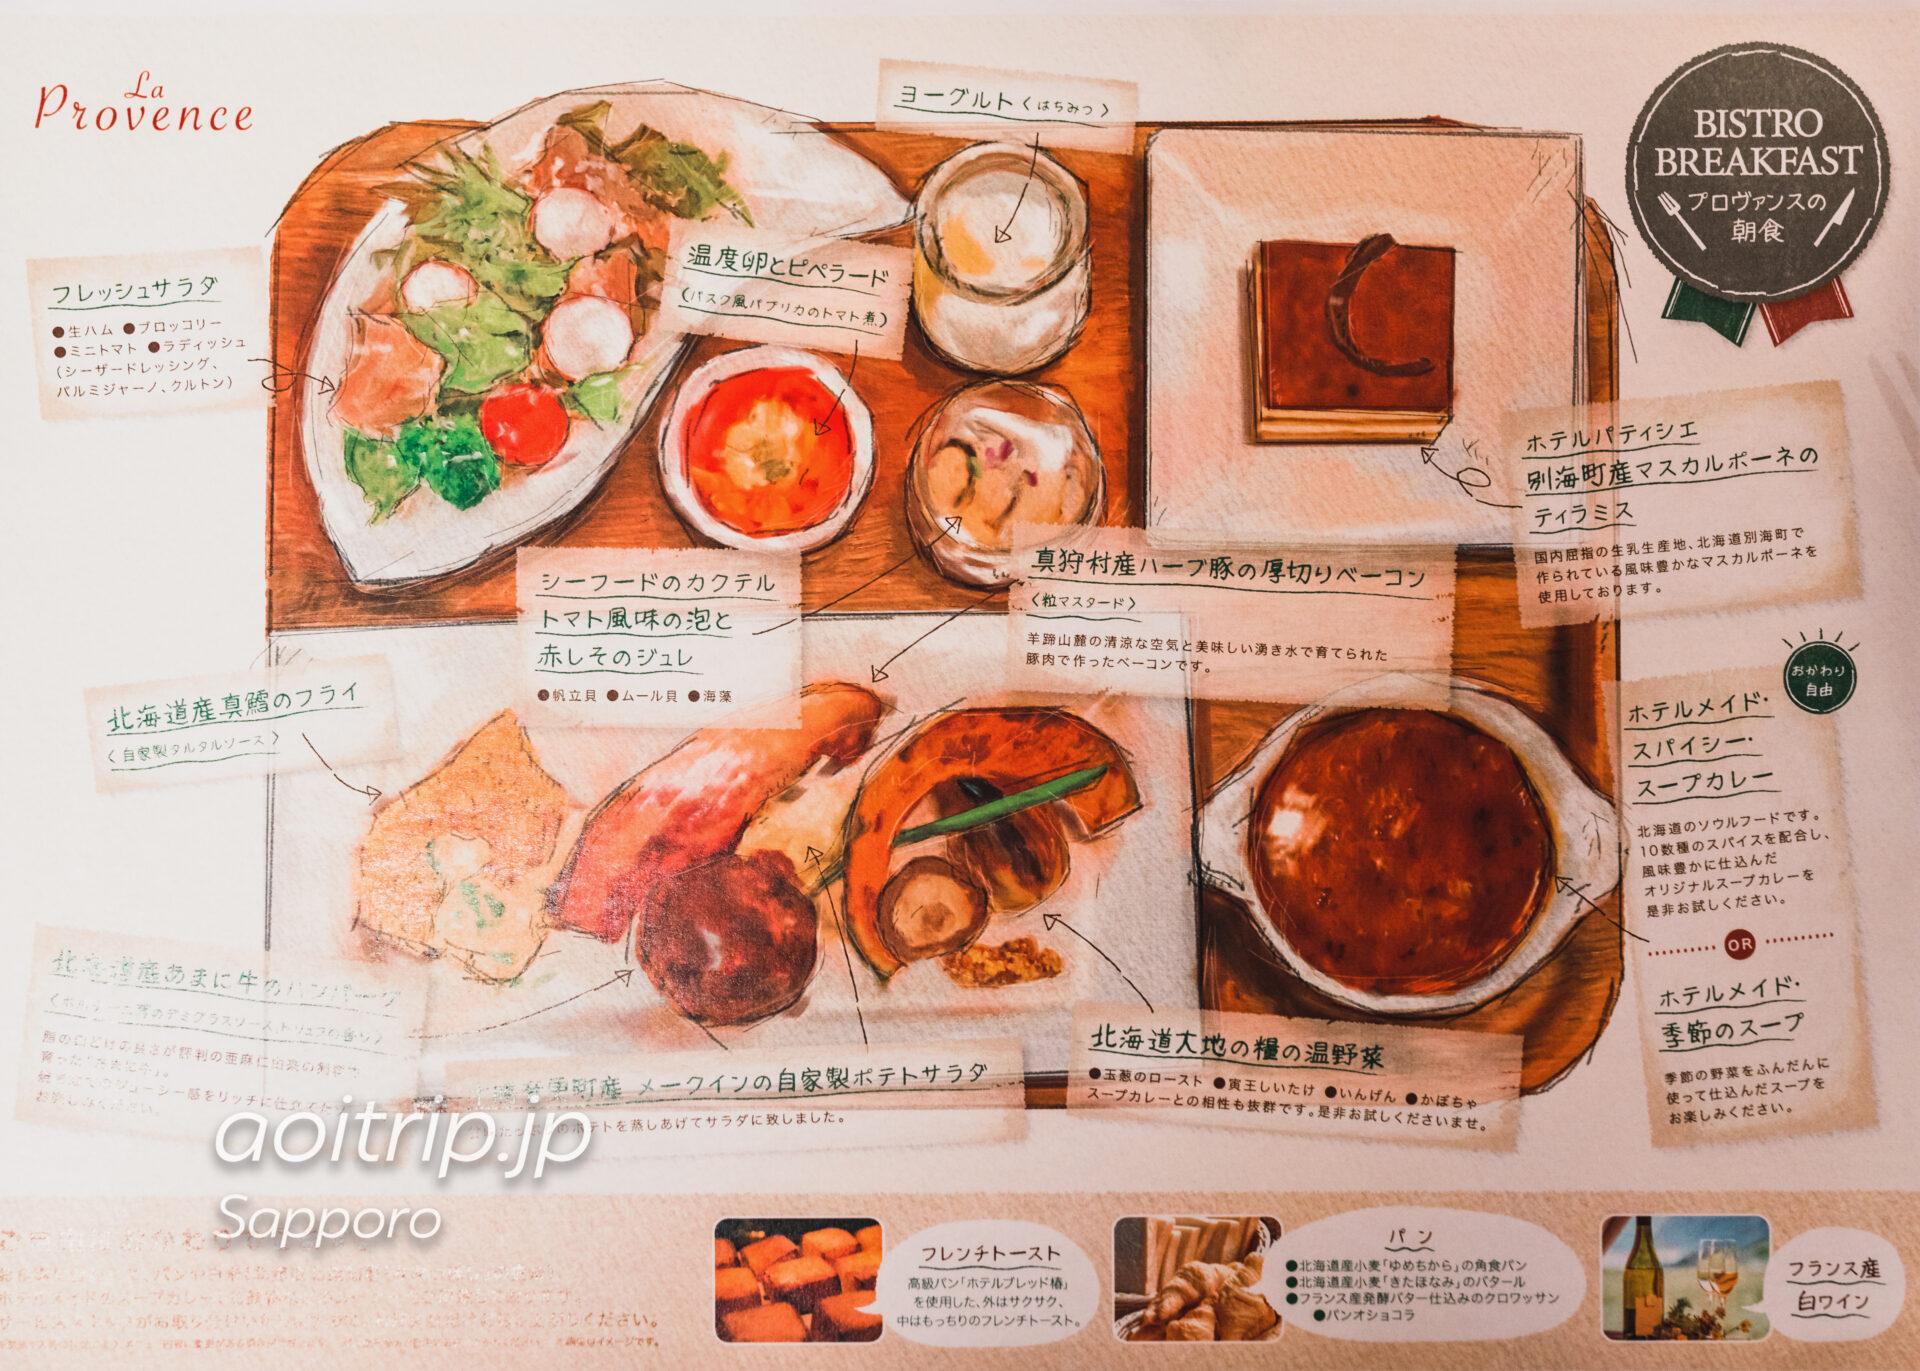 プレミアホテル中島公園 札幌 5Fのビストロ ラ・プロヴァンスの朝食